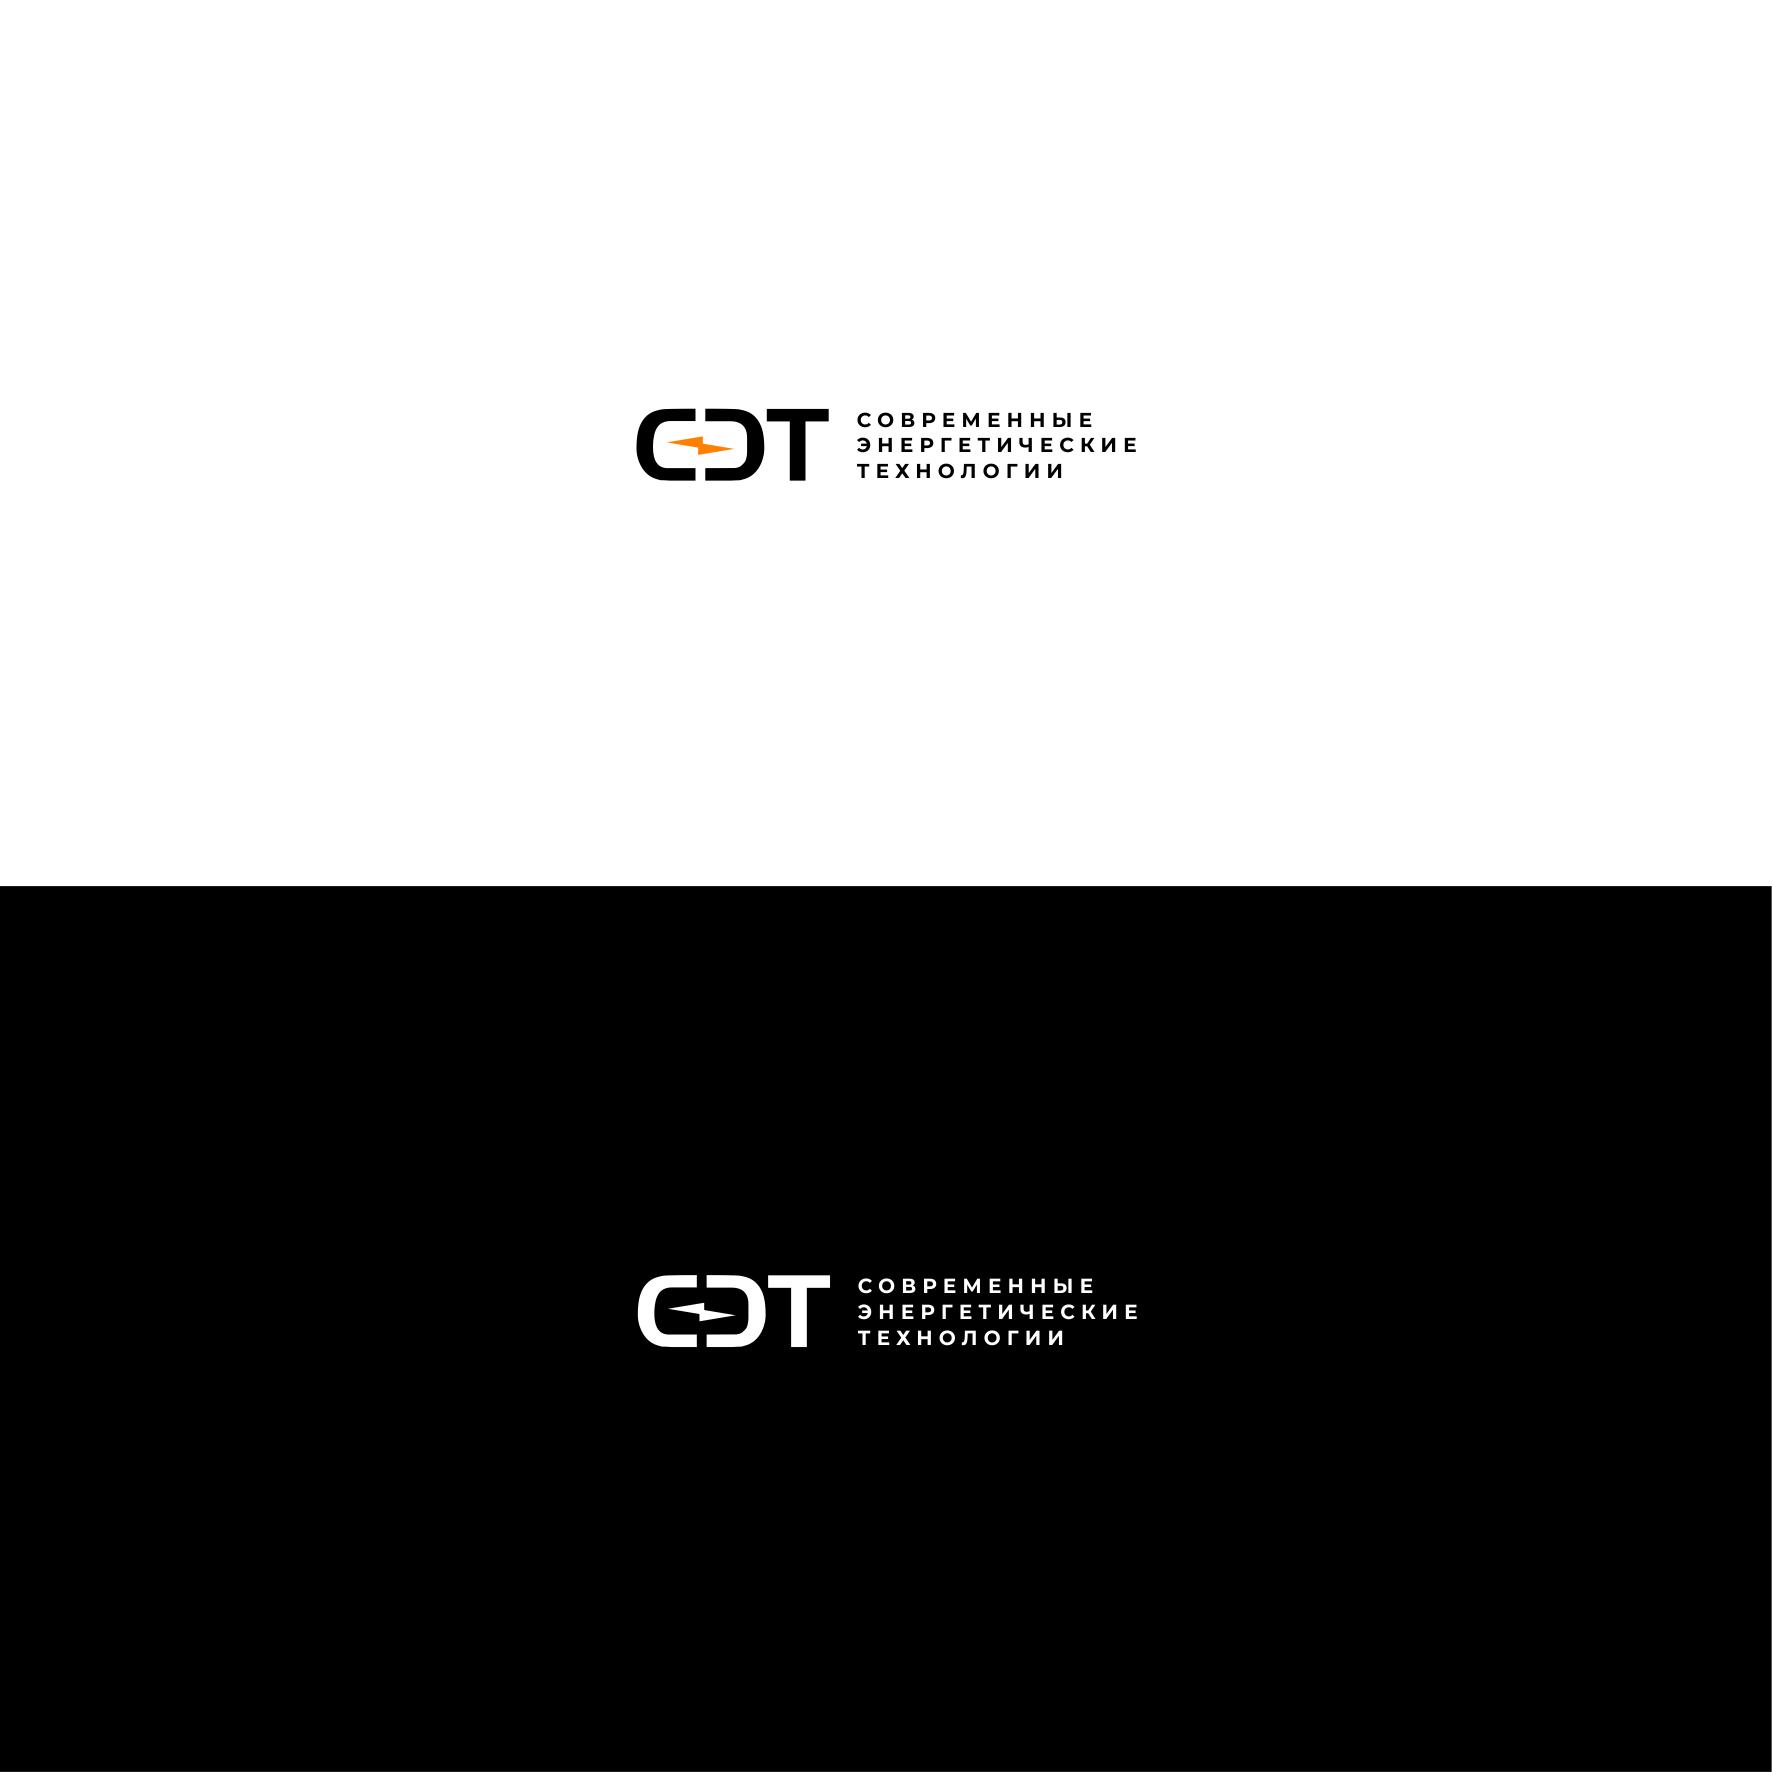 Срочно! Дизайн логотипа ООО «СЭТ» фото f_9495d4d092e8b5e9.png